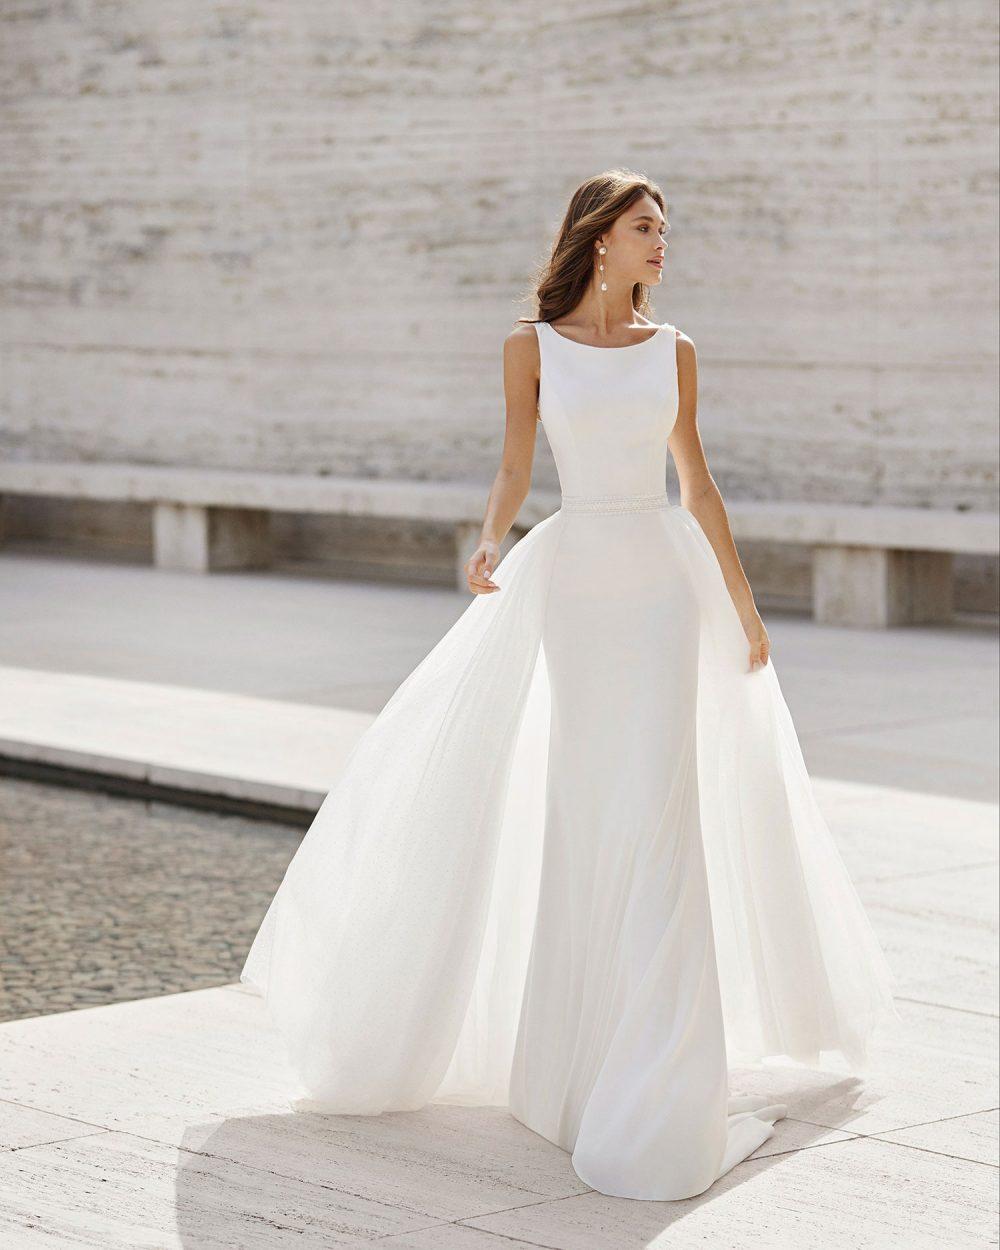 Rosa Clarà 2022 abito vestito sposa Vicenza NAKUNE